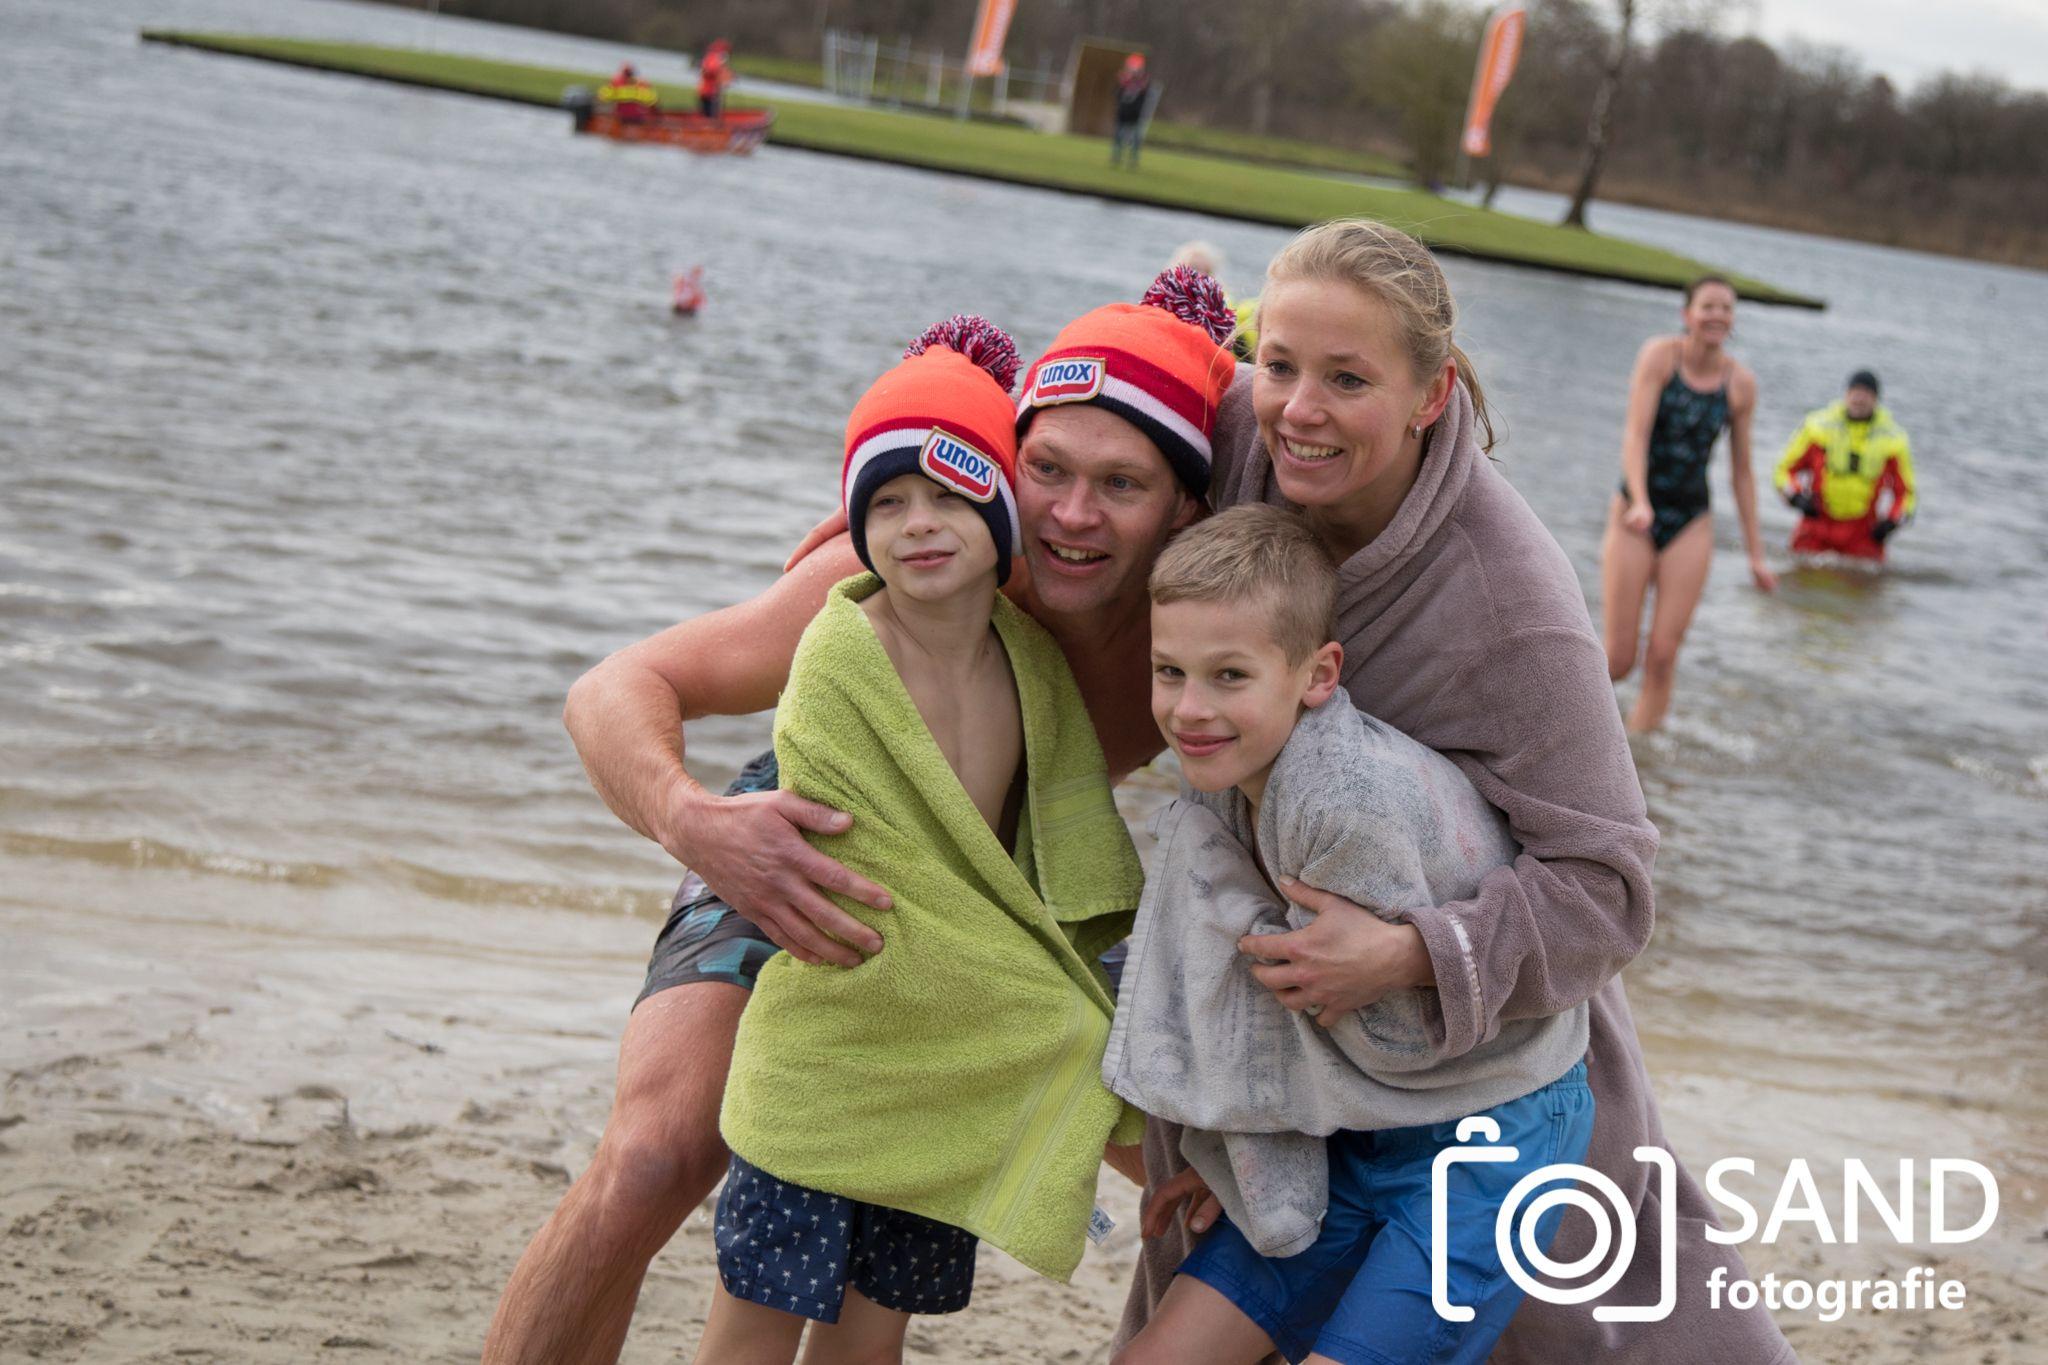 Nieuwjaarsduik 2018 op het Lage Veld in Wierden Sand Fotografie